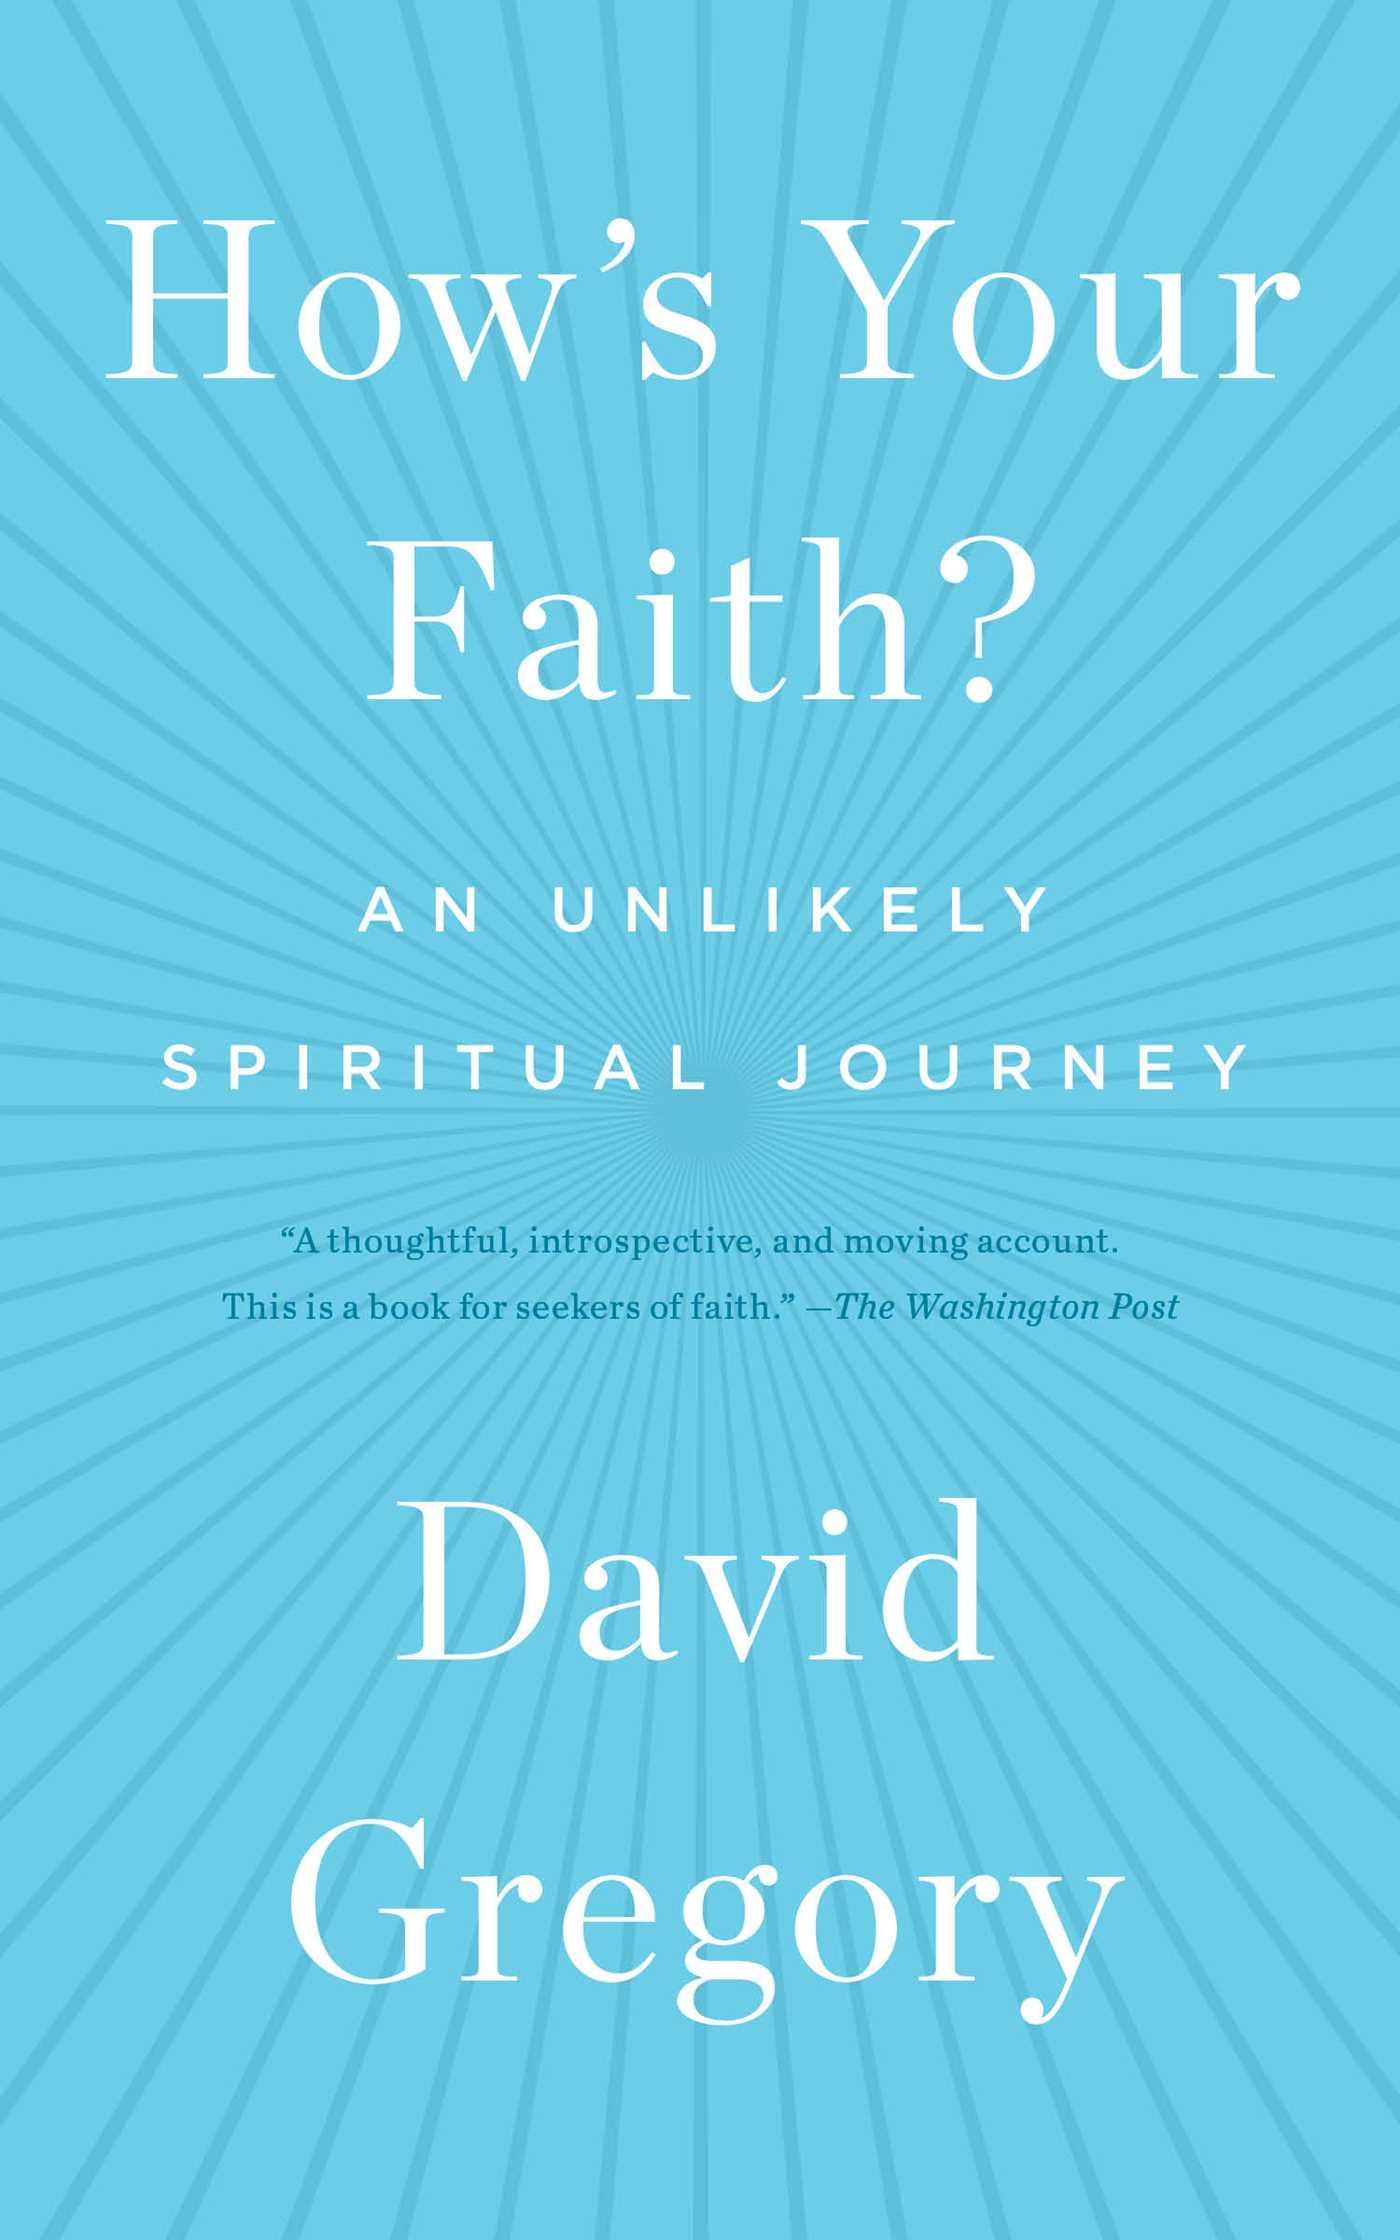 Hows your faith 9781451651614 hr